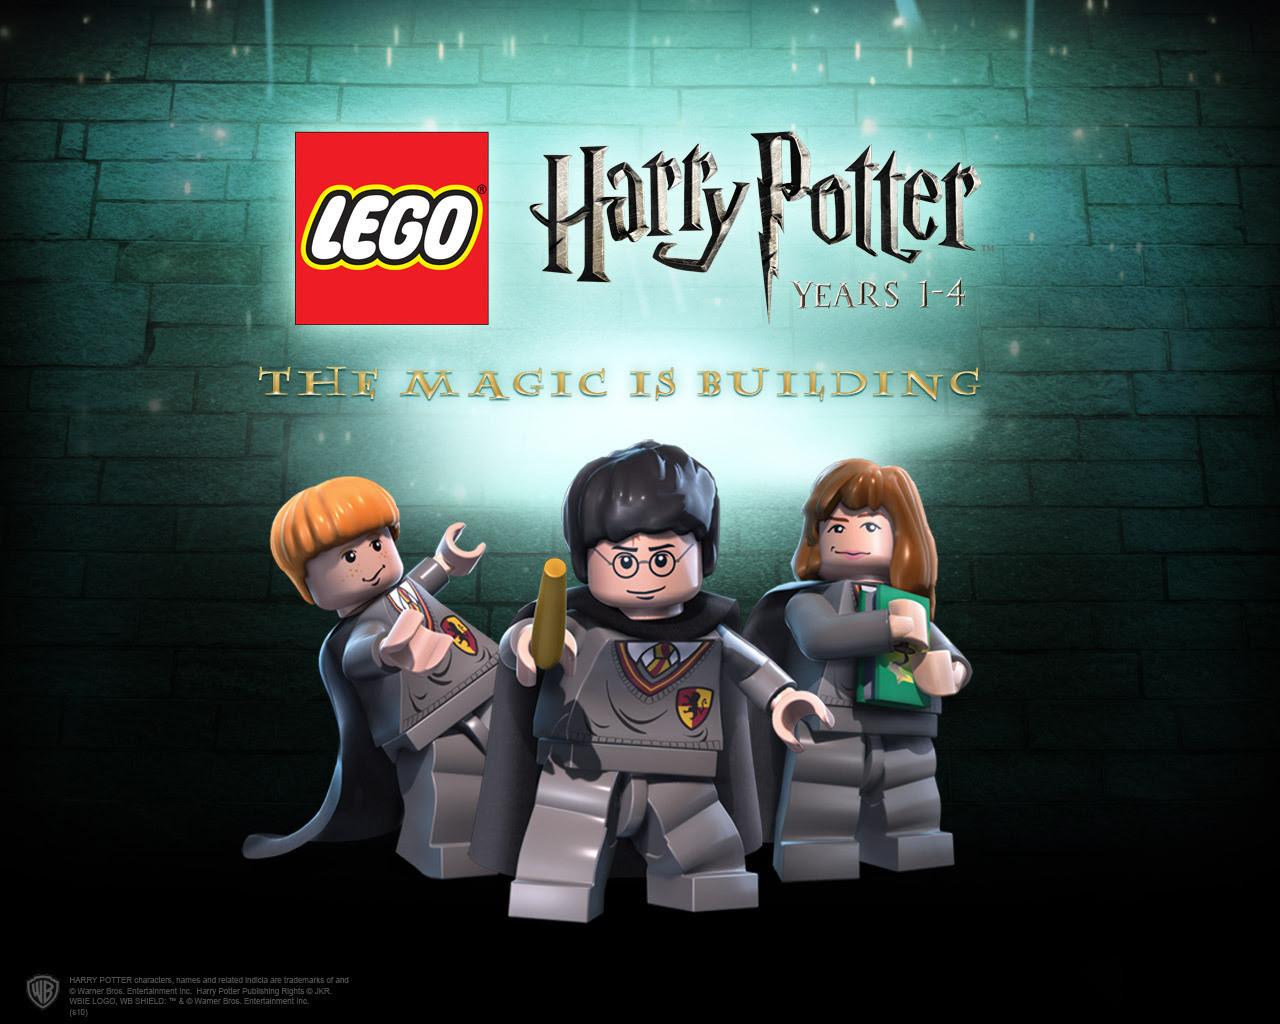 Lego Harry Potter 壁紙 2 Lego 壁紙 29024593 ファンポップ